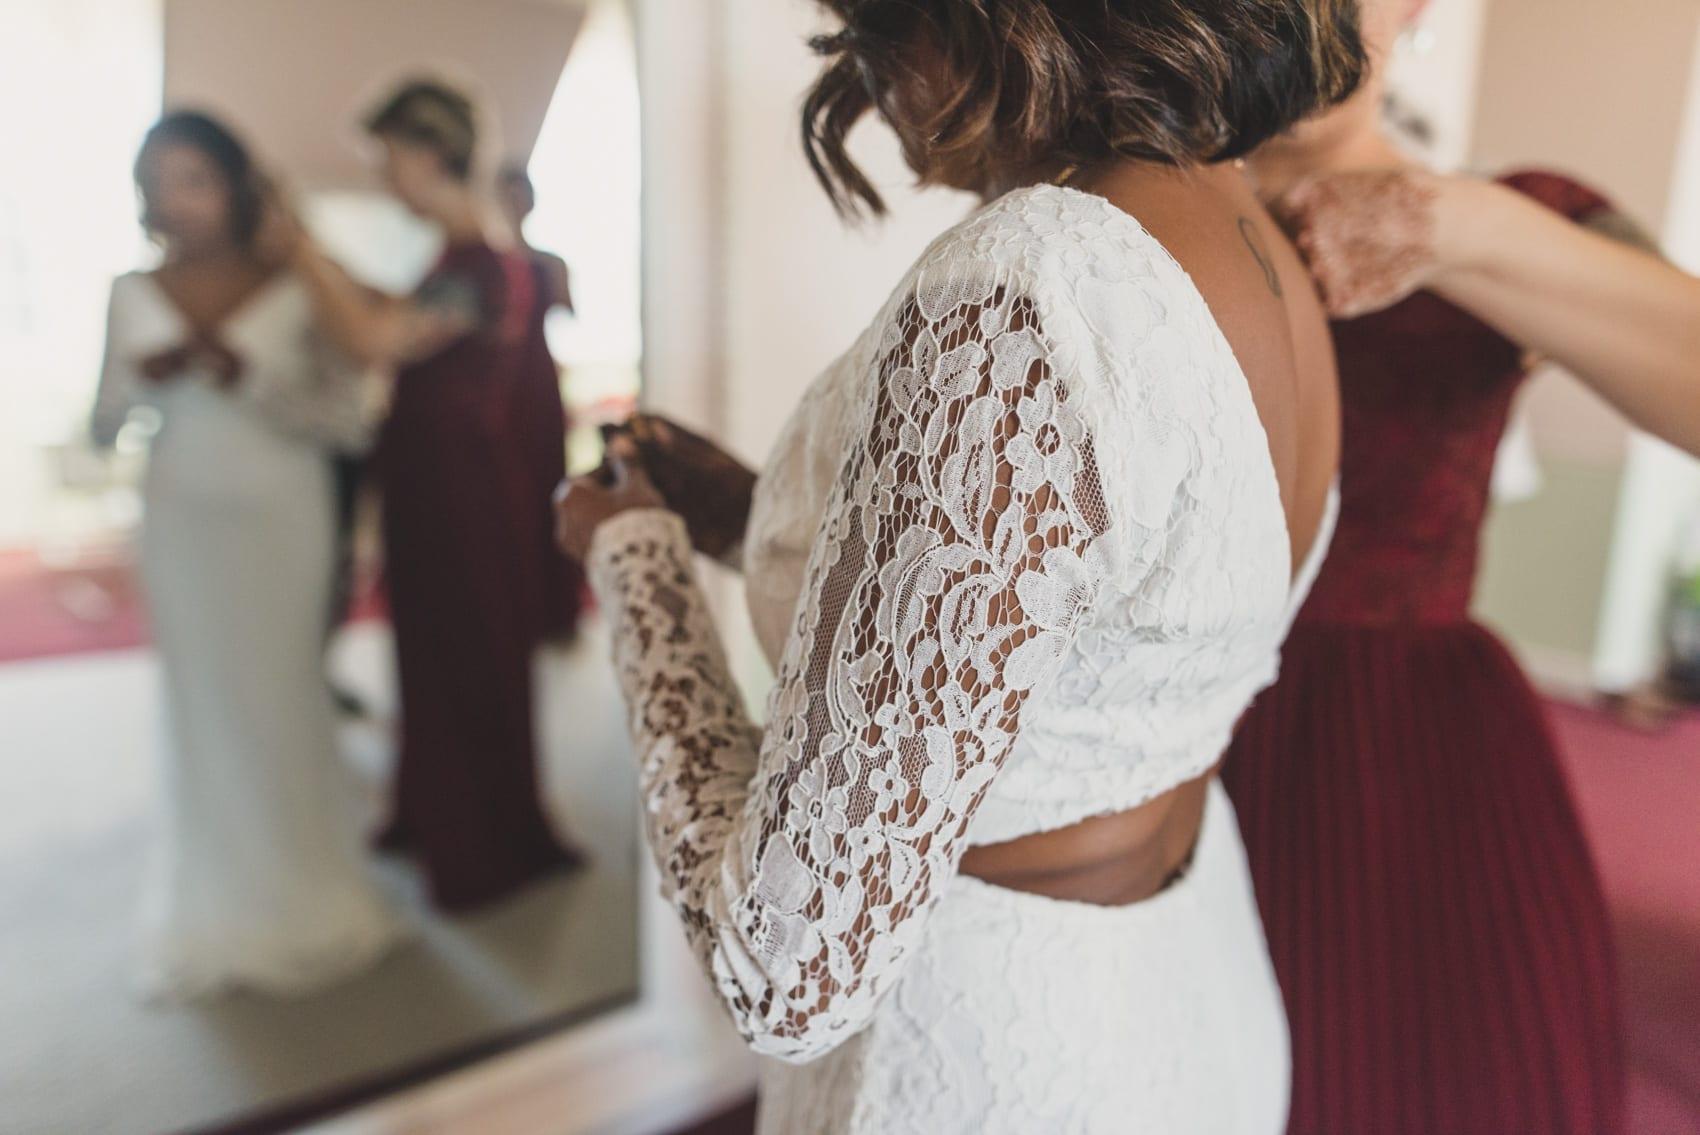 Thara Photo Chicago Wedding Photographer Engagement Photographer White Eagle Club Naperville Autumn Hindu Ceremony